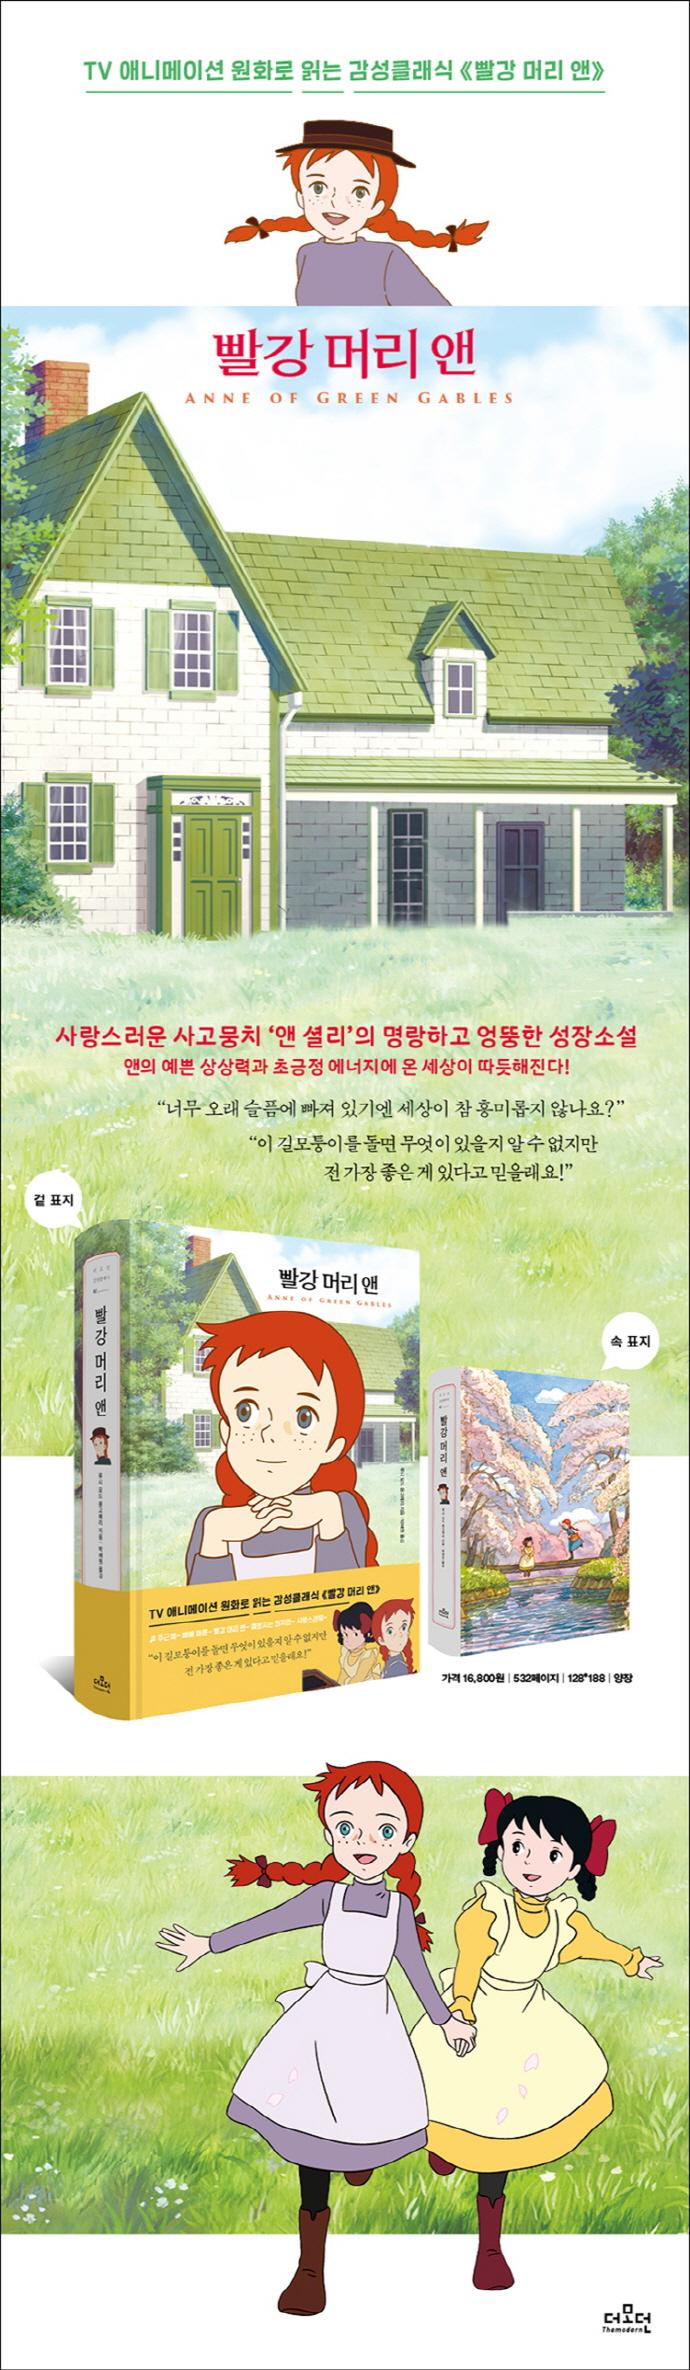 빨강 머리 앤(더모던 감성클래식 2)(양장본 HardCover) 도서 상세이미지